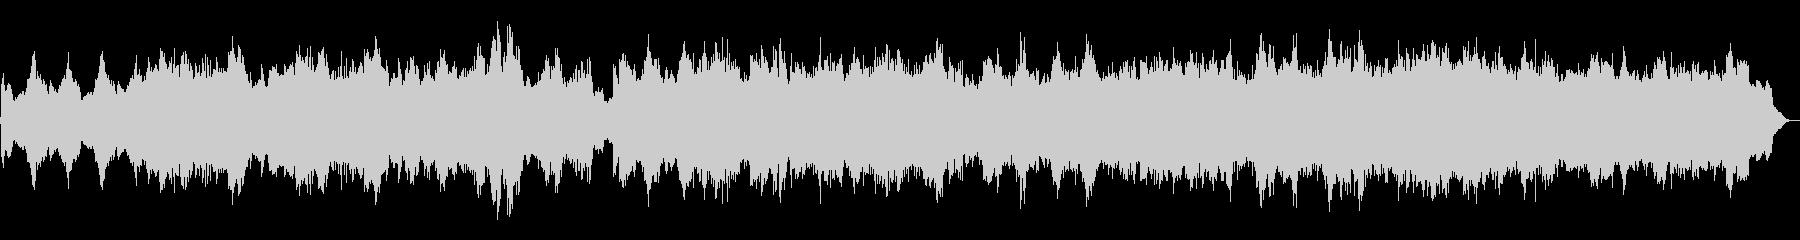 ハロウィン系BGM 魔法の森 を描いた曲の未再生の波形